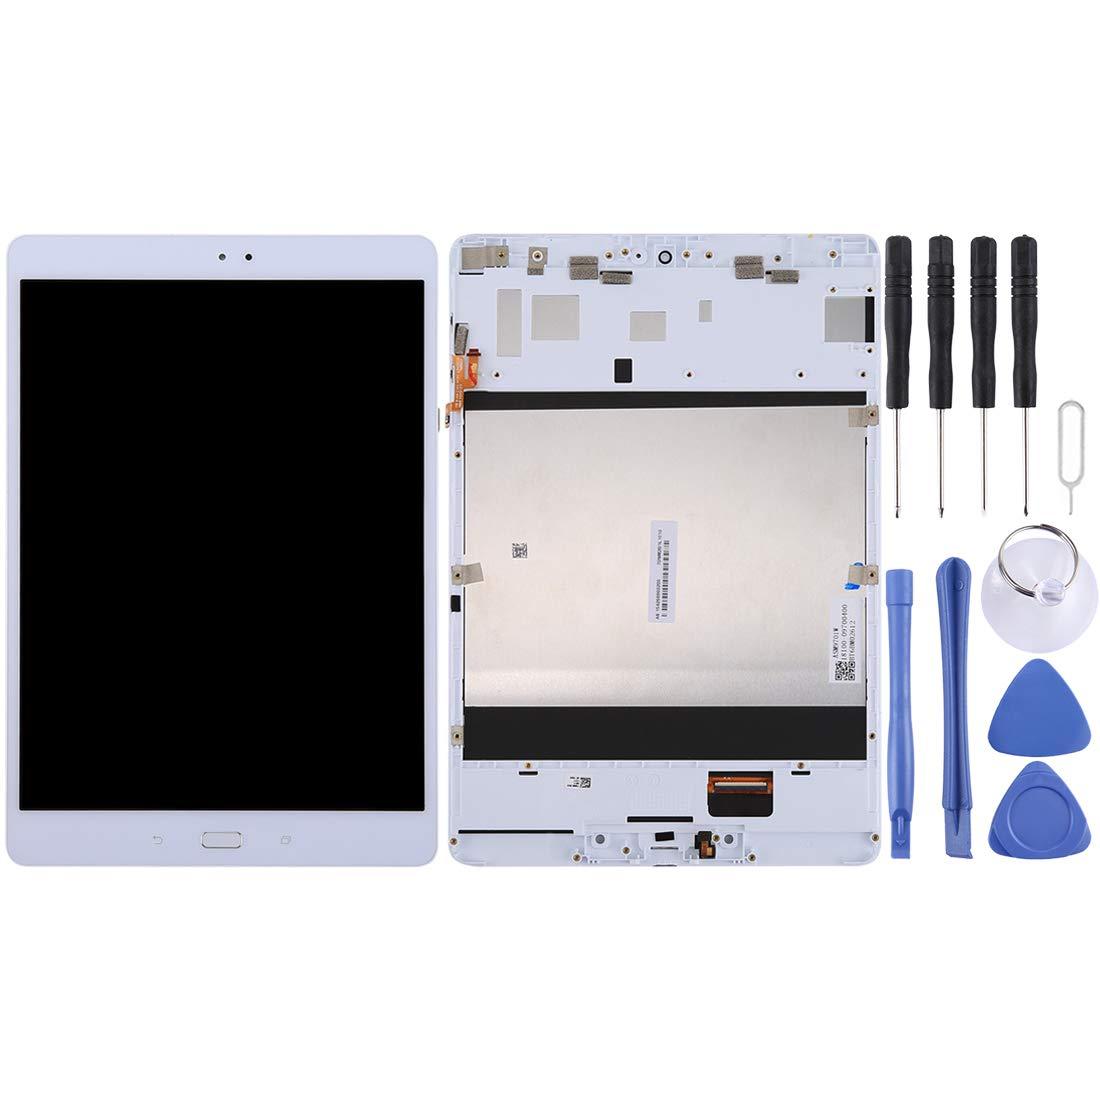 【爆売り!】 GzPuluz ASUS用修理交換用パーツ/ Asus ZenPad 3S 10/ : ZenPad Z500M/ Z500/ P027(グレイ)用のフレーム付き液晶画面とデジタイザーのフルアセンブリ スマホ修理パーツ (色 : 白) 白 B07Q6121QZ, ジャパネジ:3edc3f06 --- a0267596.xsph.ru